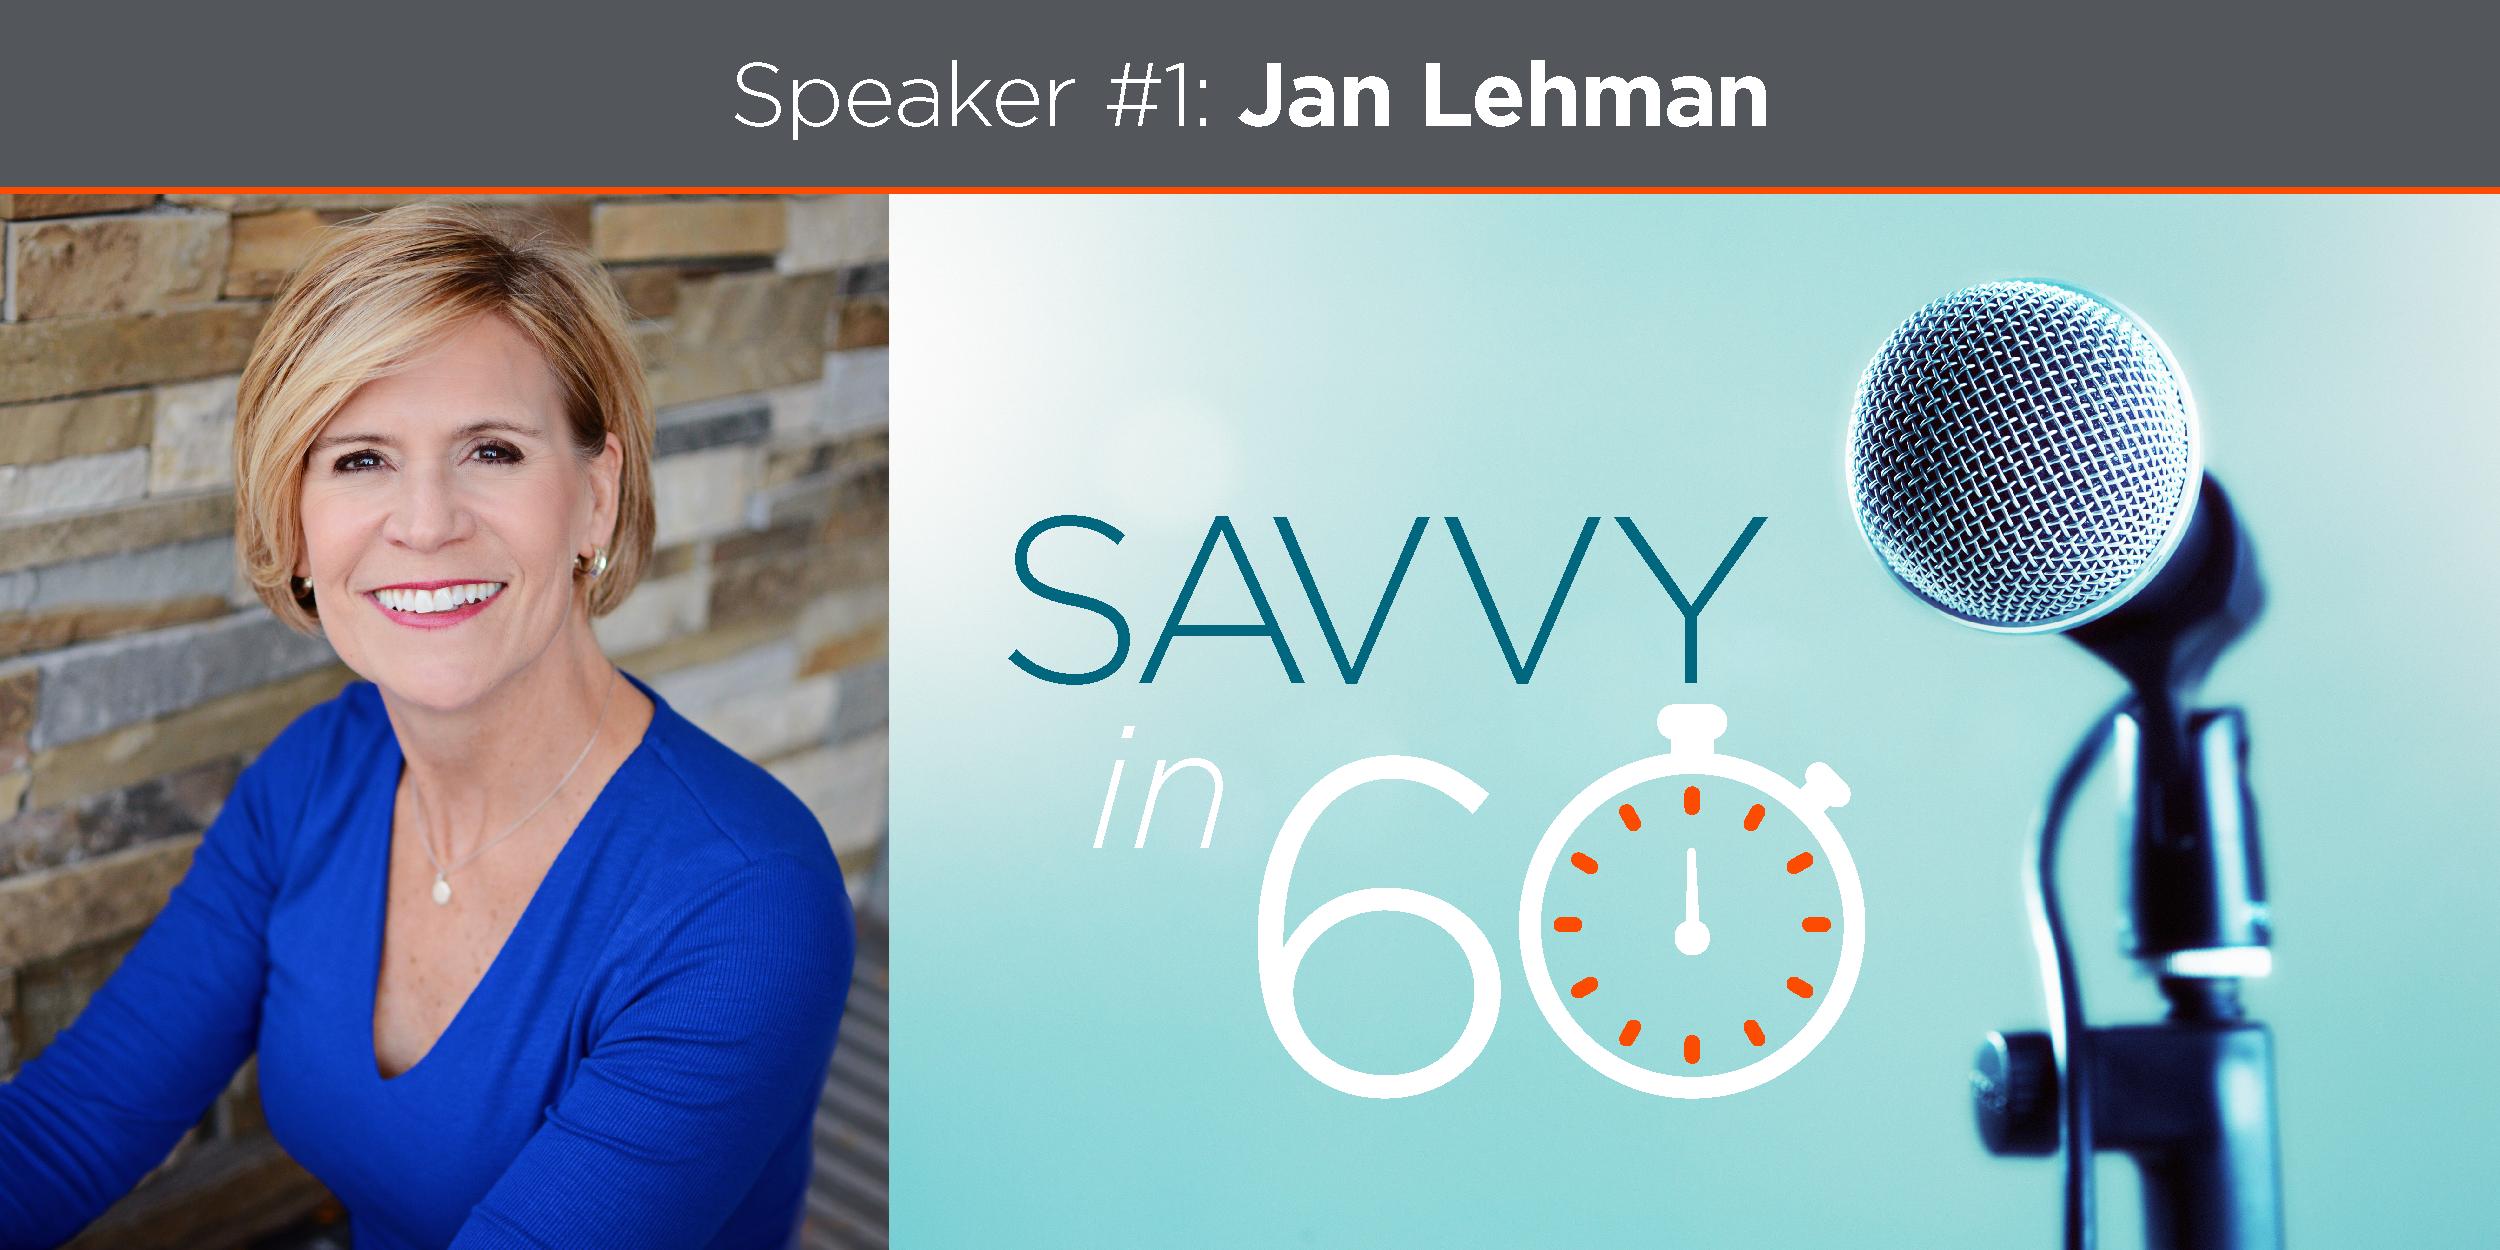 Savvy in 60 - Jan Lehman